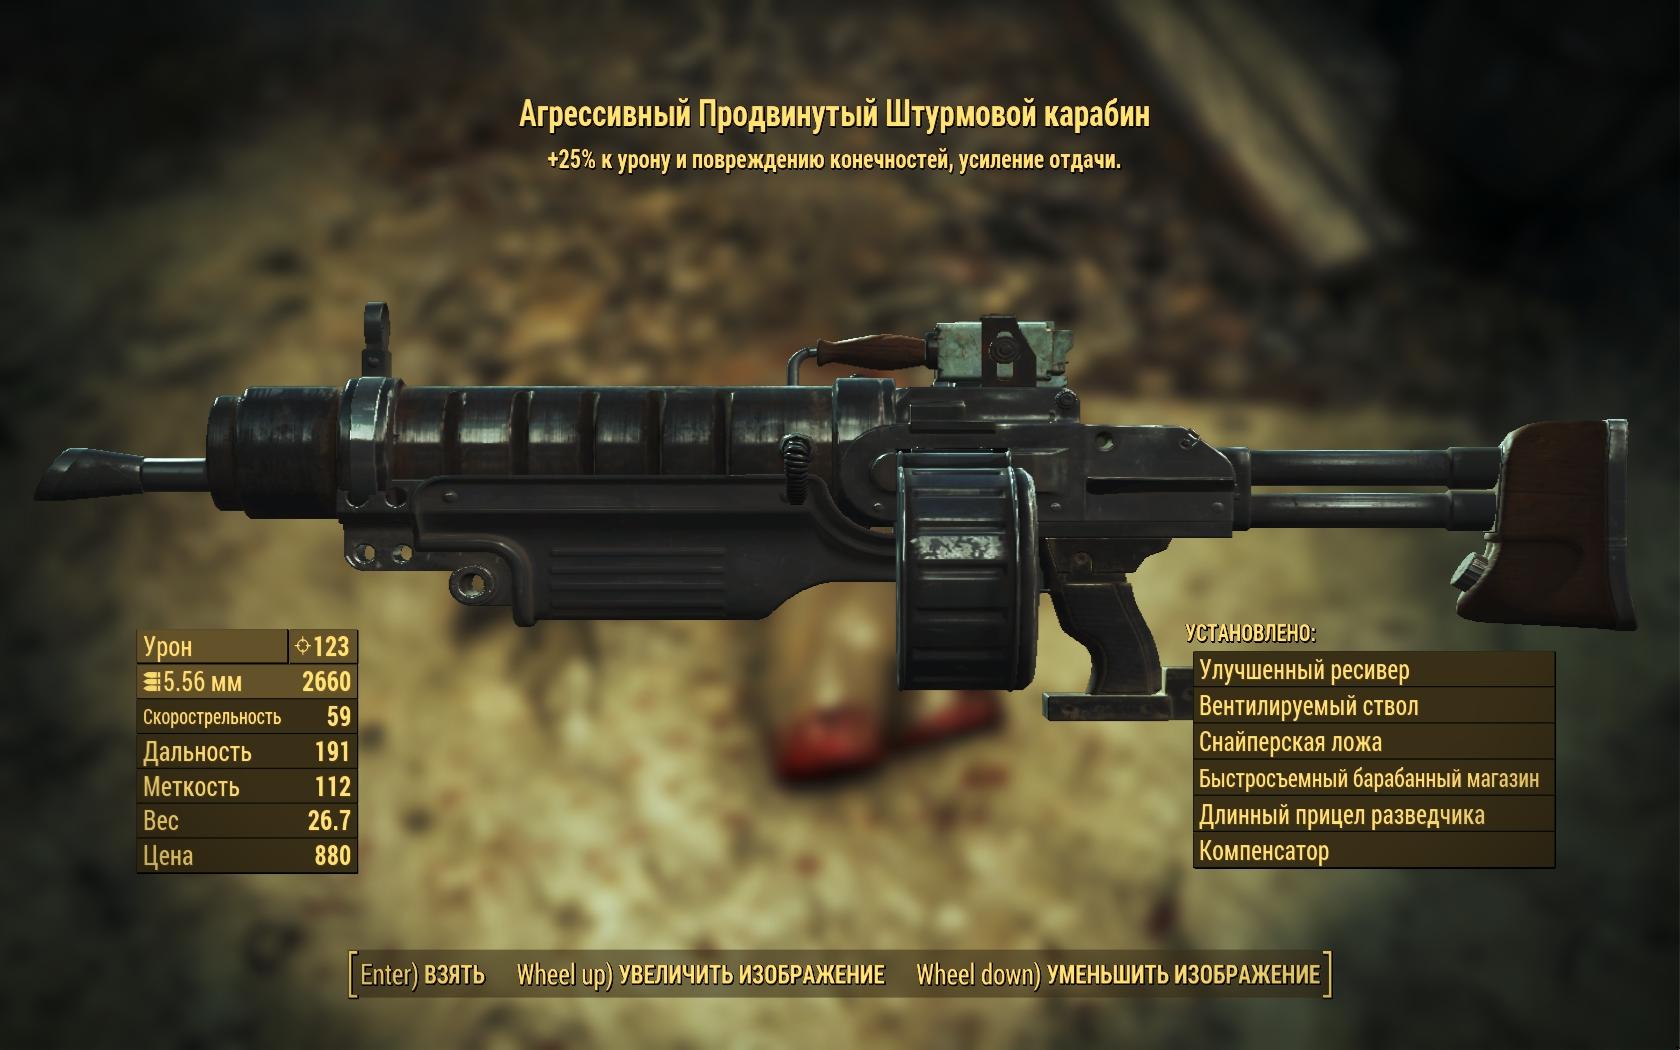 карабин - Fallout 4 Агрессивный, Оружие, продвинутый, штурмовой